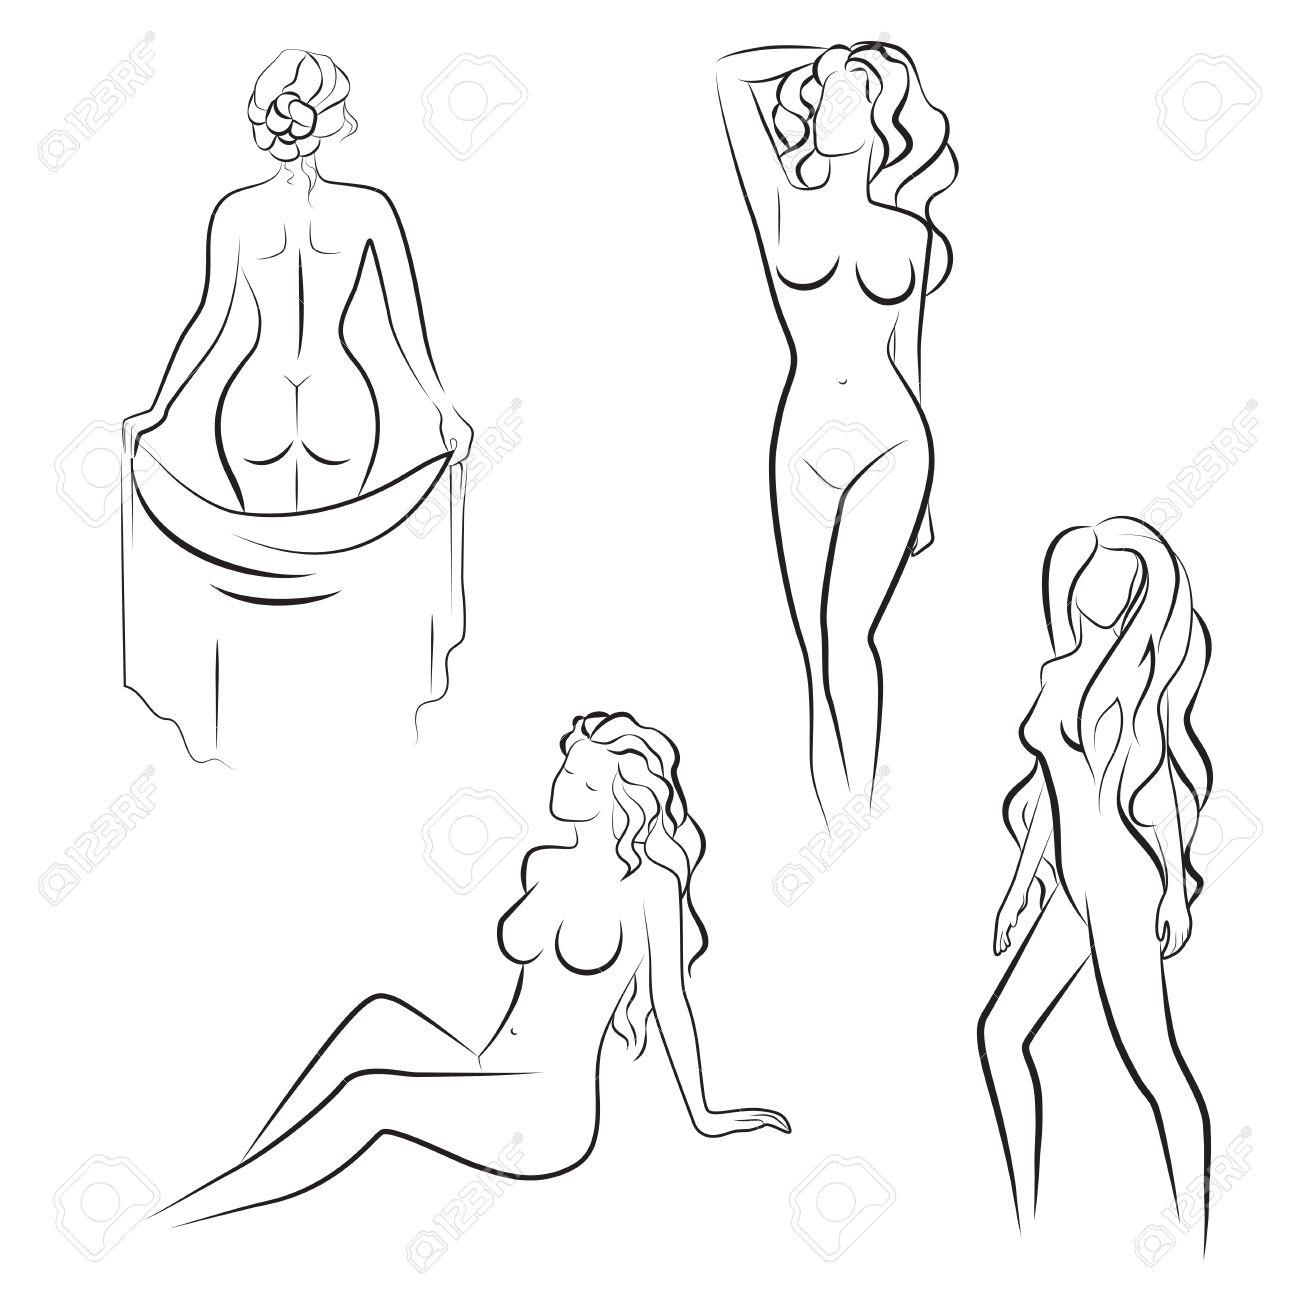 Siluetas De Dibujo De Líneas Hermosas De La Mujer Desnuda Ilustración Vectorial